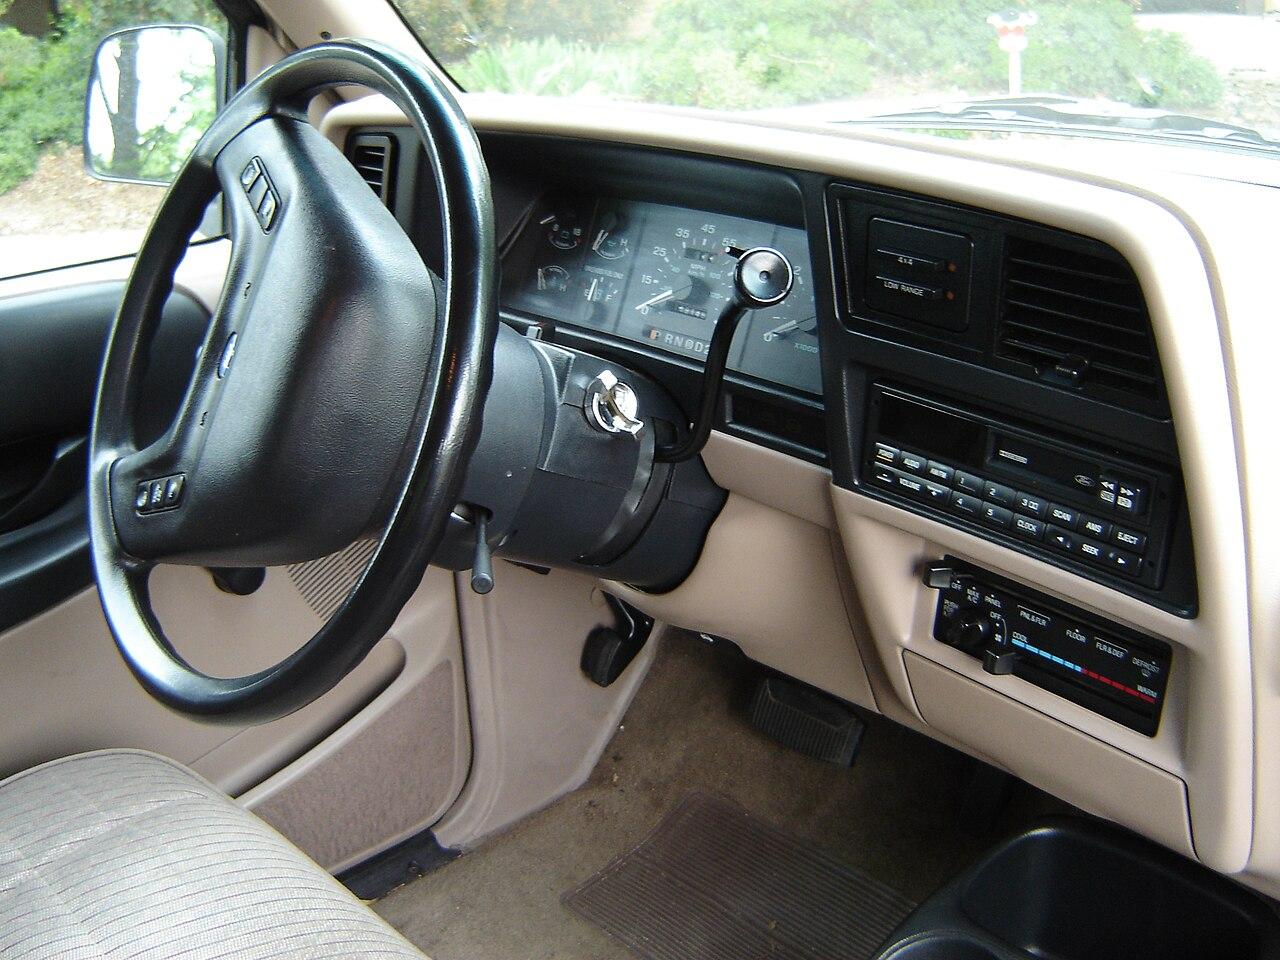 File:FordRangerDash.jpg - Wikimedia Commons